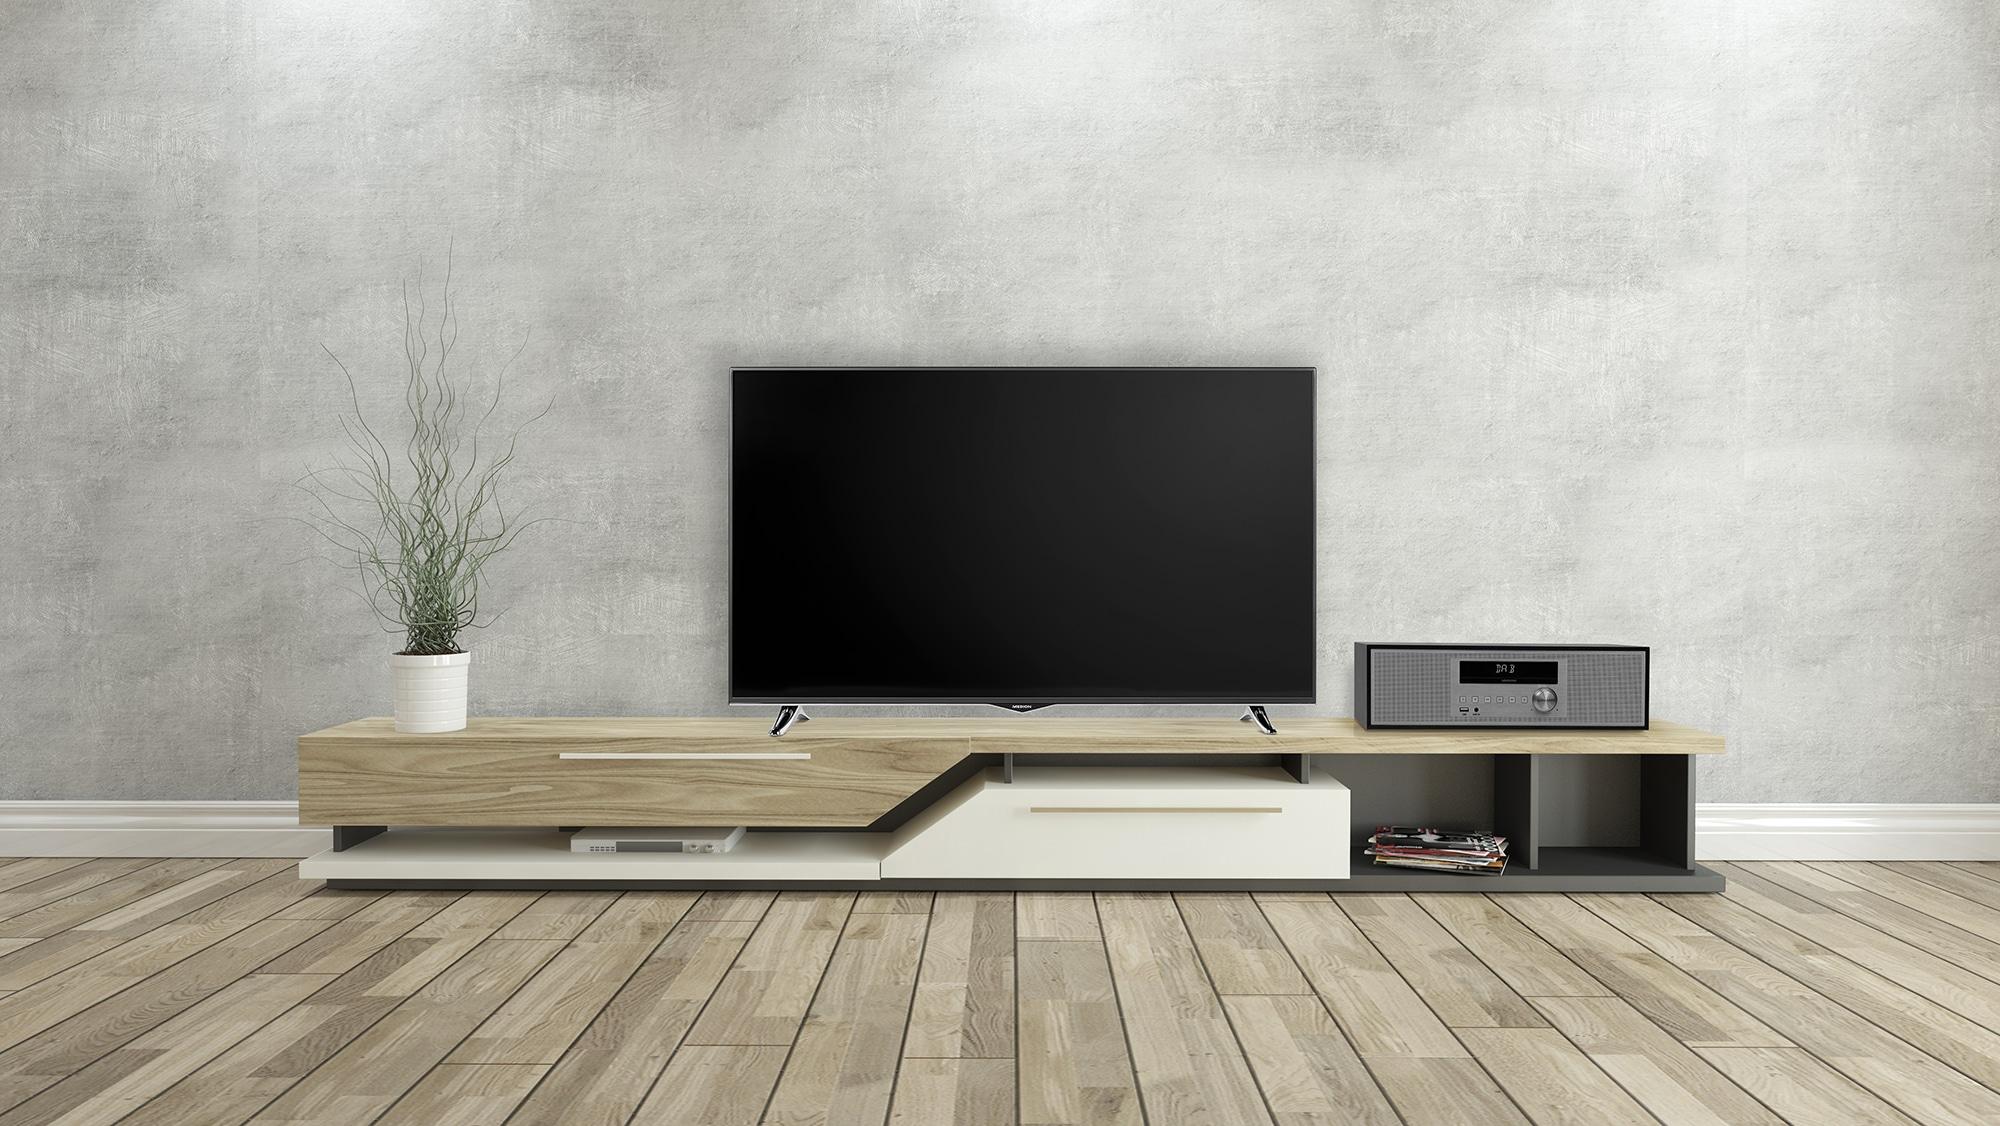 de P64477 In de huiskamer naast de TV